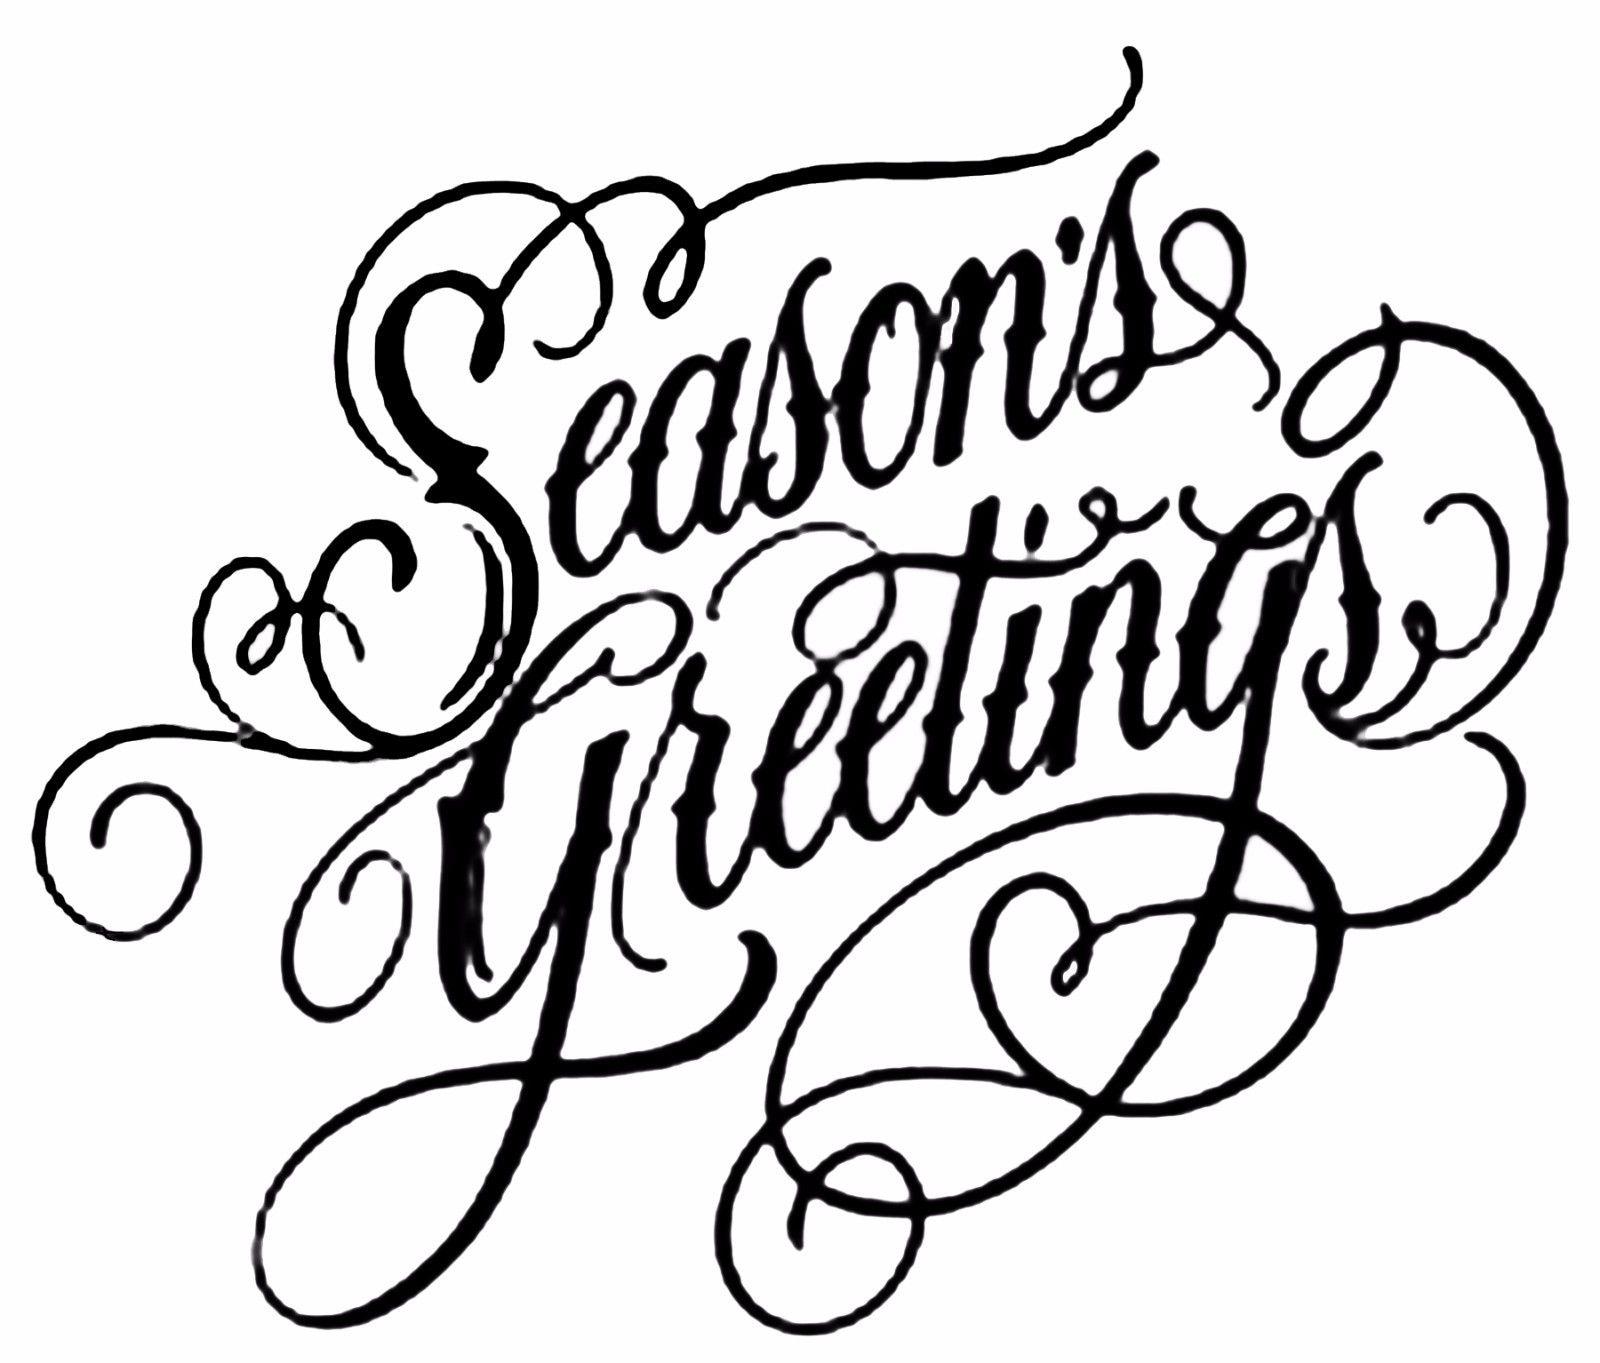 Season Greetings Pictures Free Download Best Season Greetings